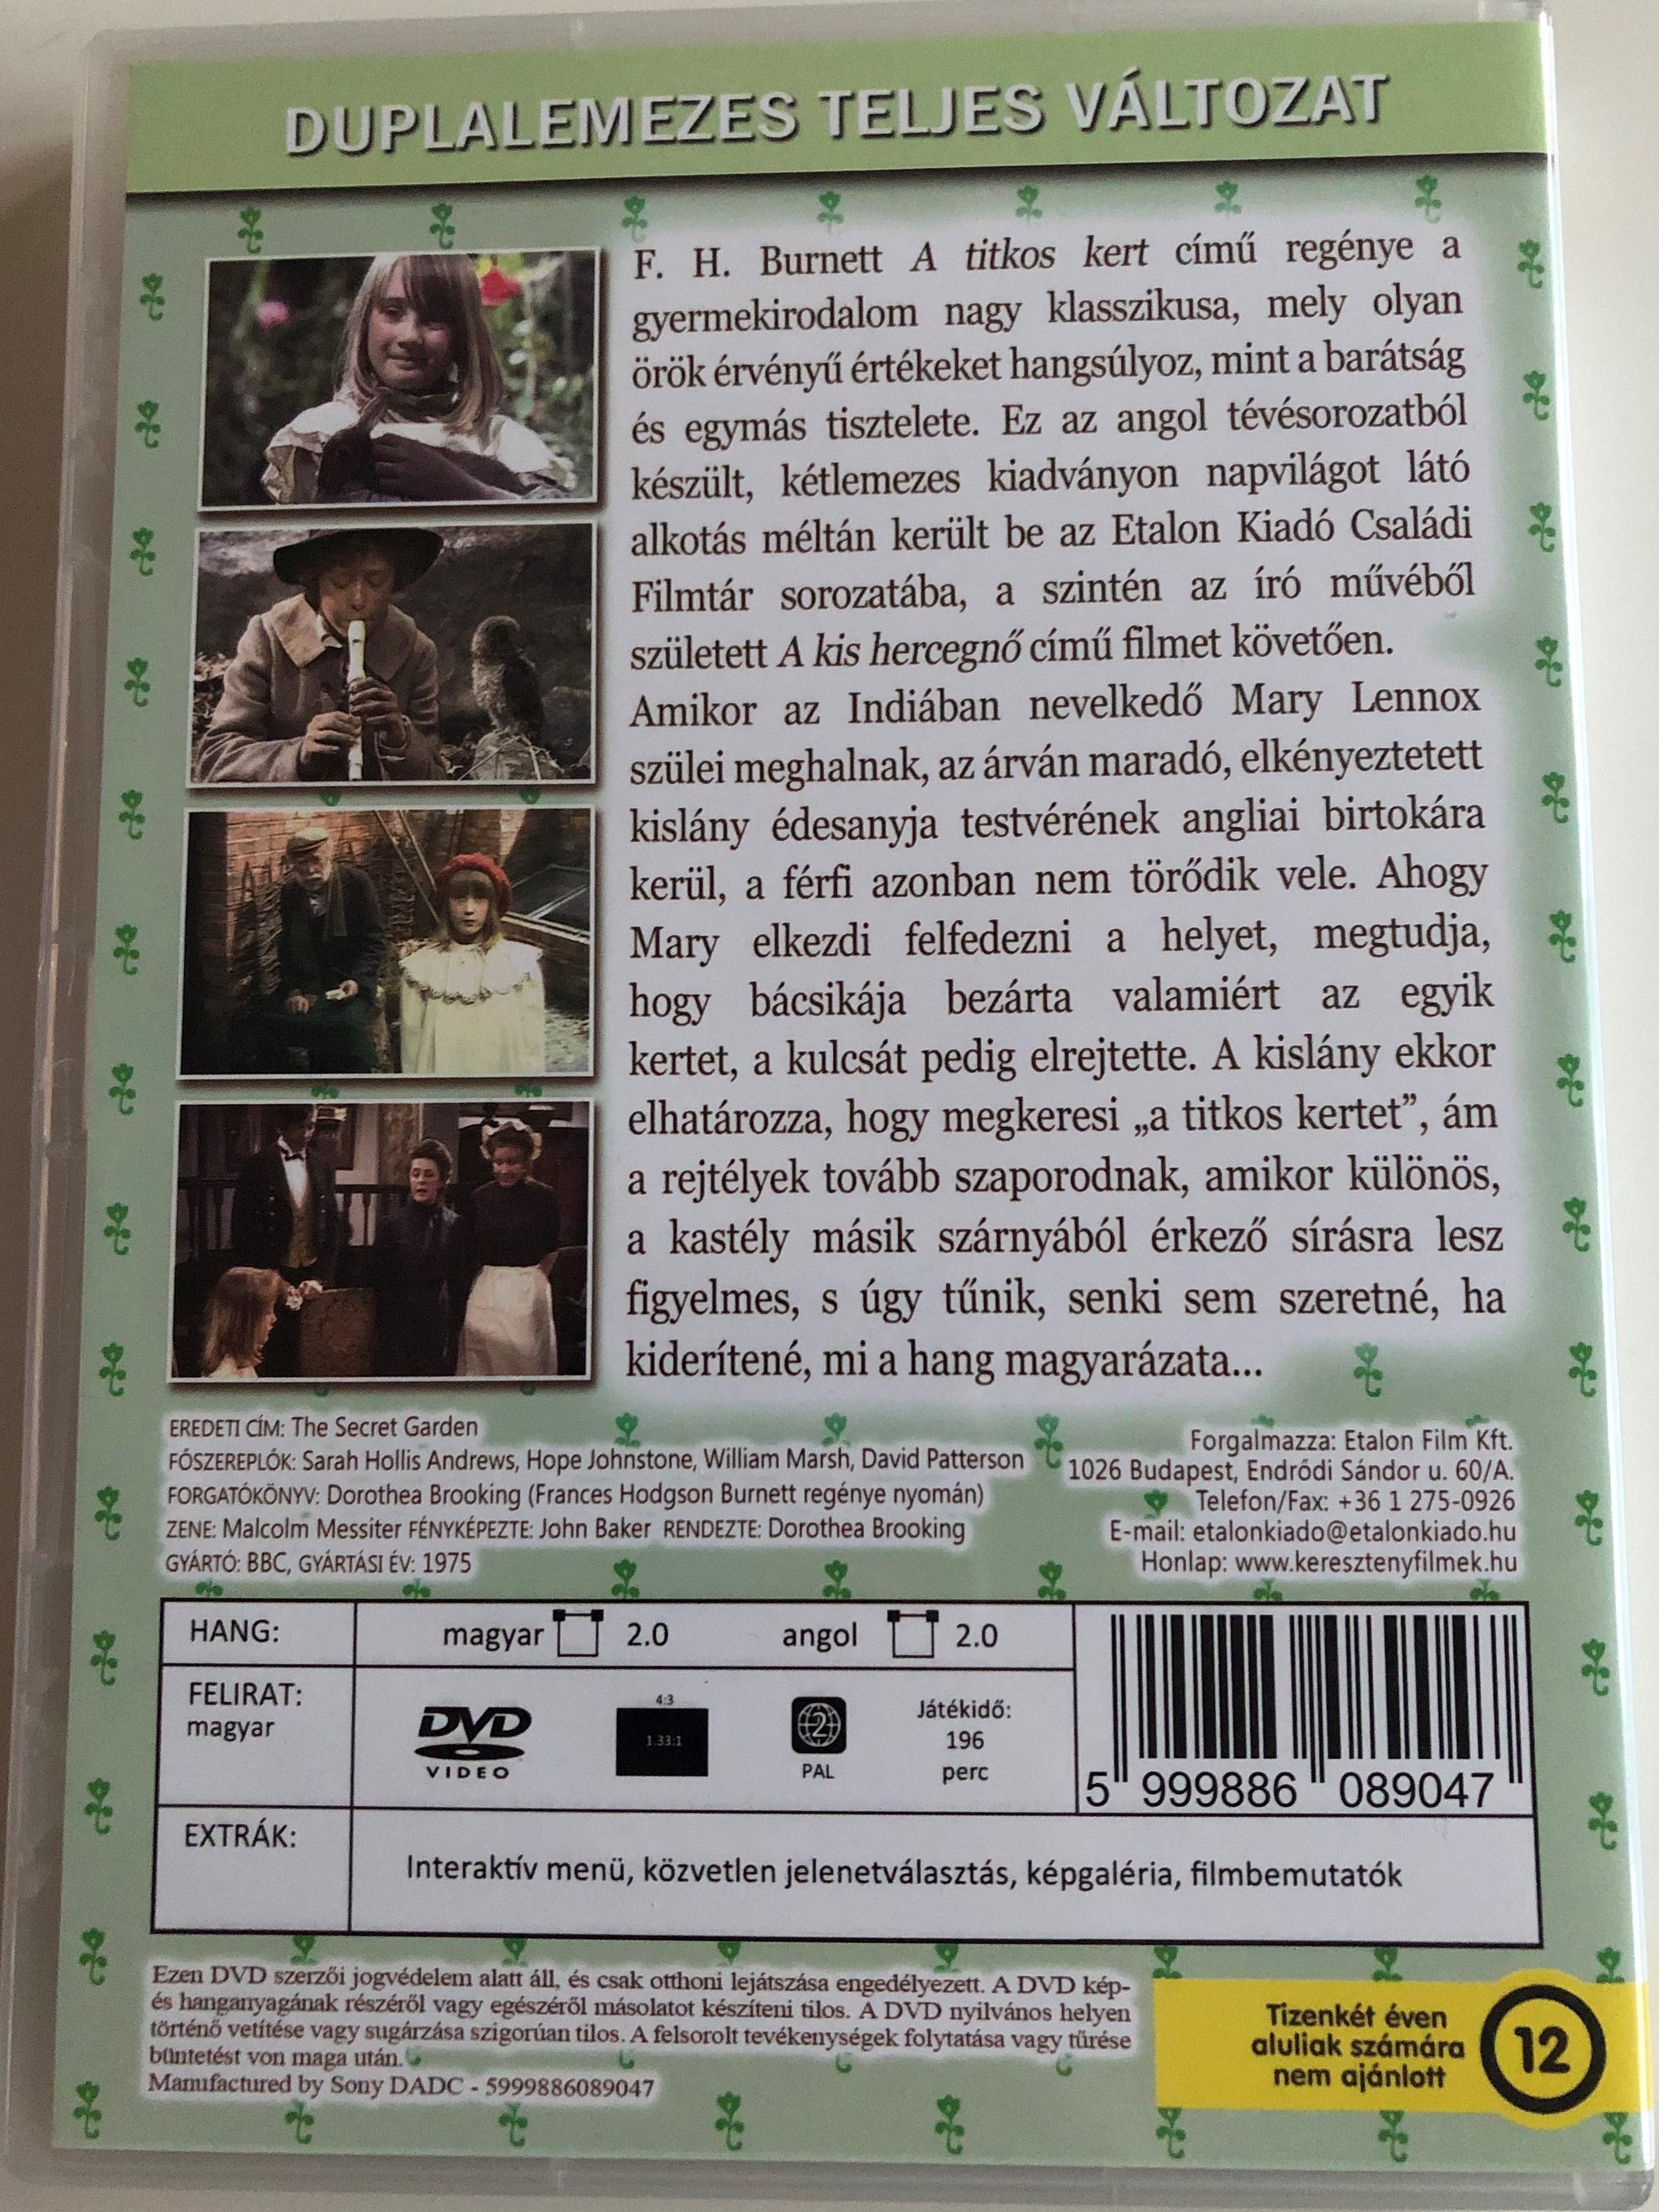 the-secret-garden-2-dvd-1975-a-titkos-kert-2.jpg